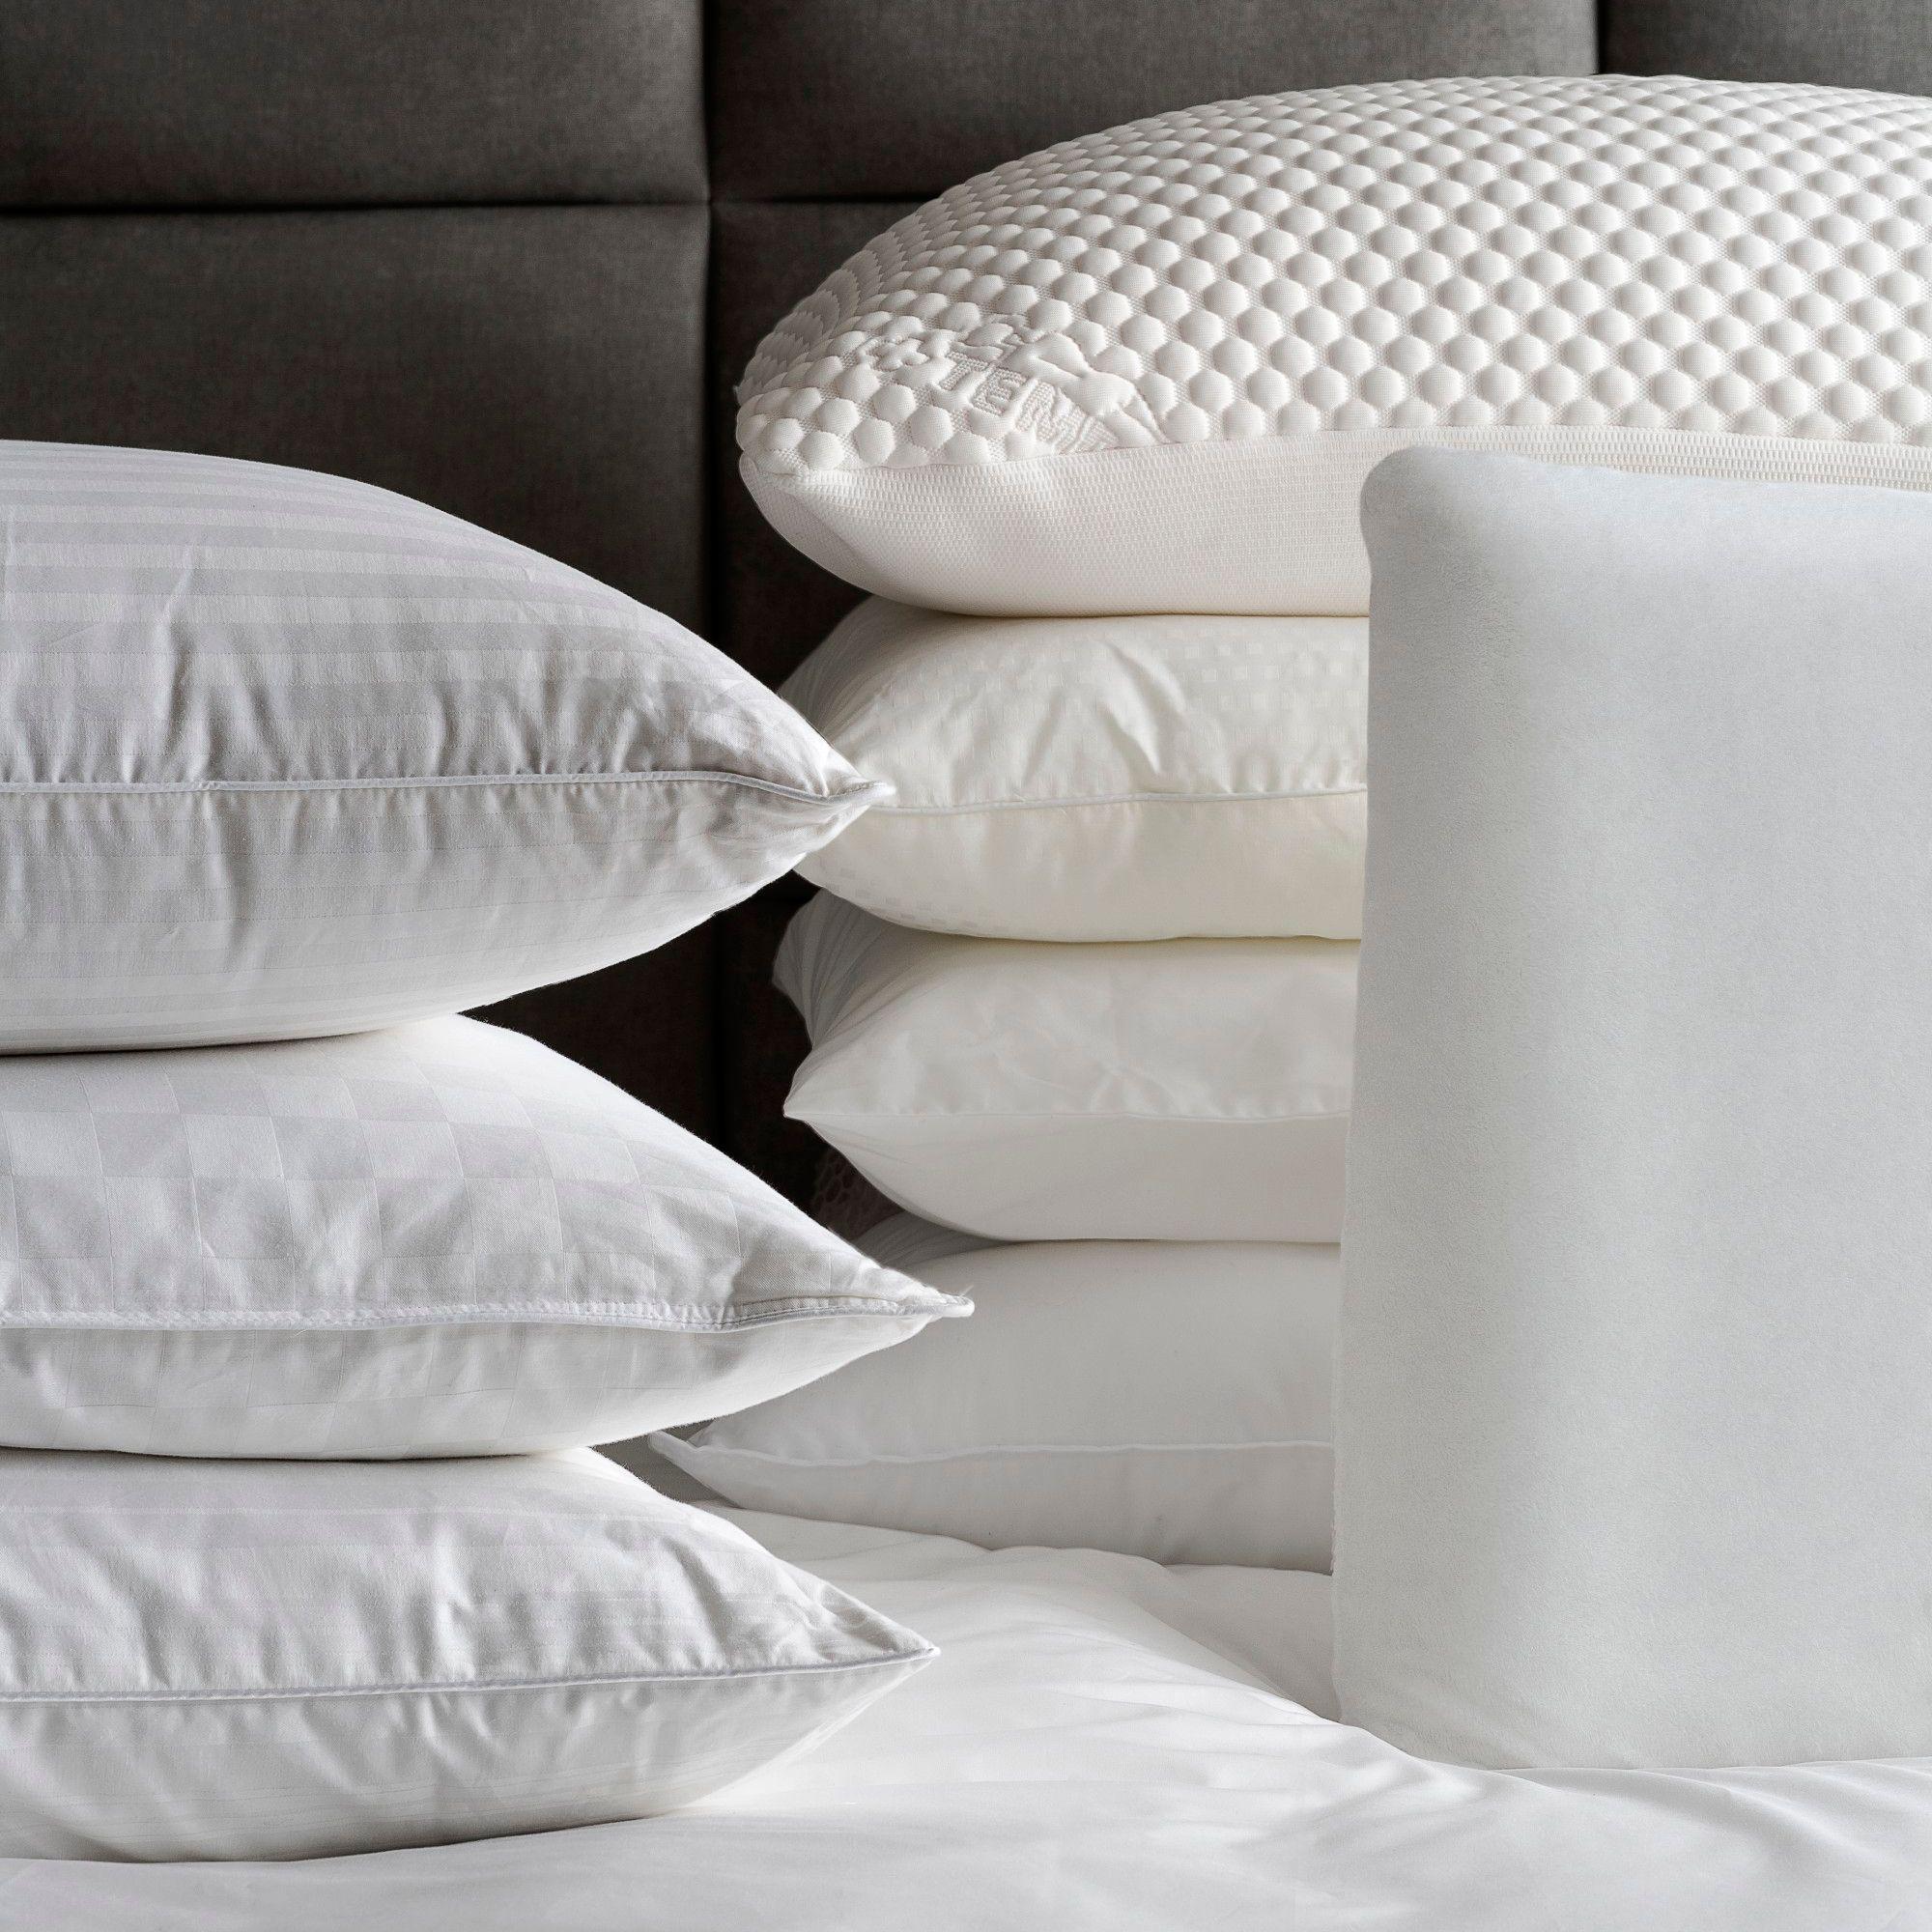 Tempur Cloud Support Standard Pillow Pillows Bed Pillows Dust